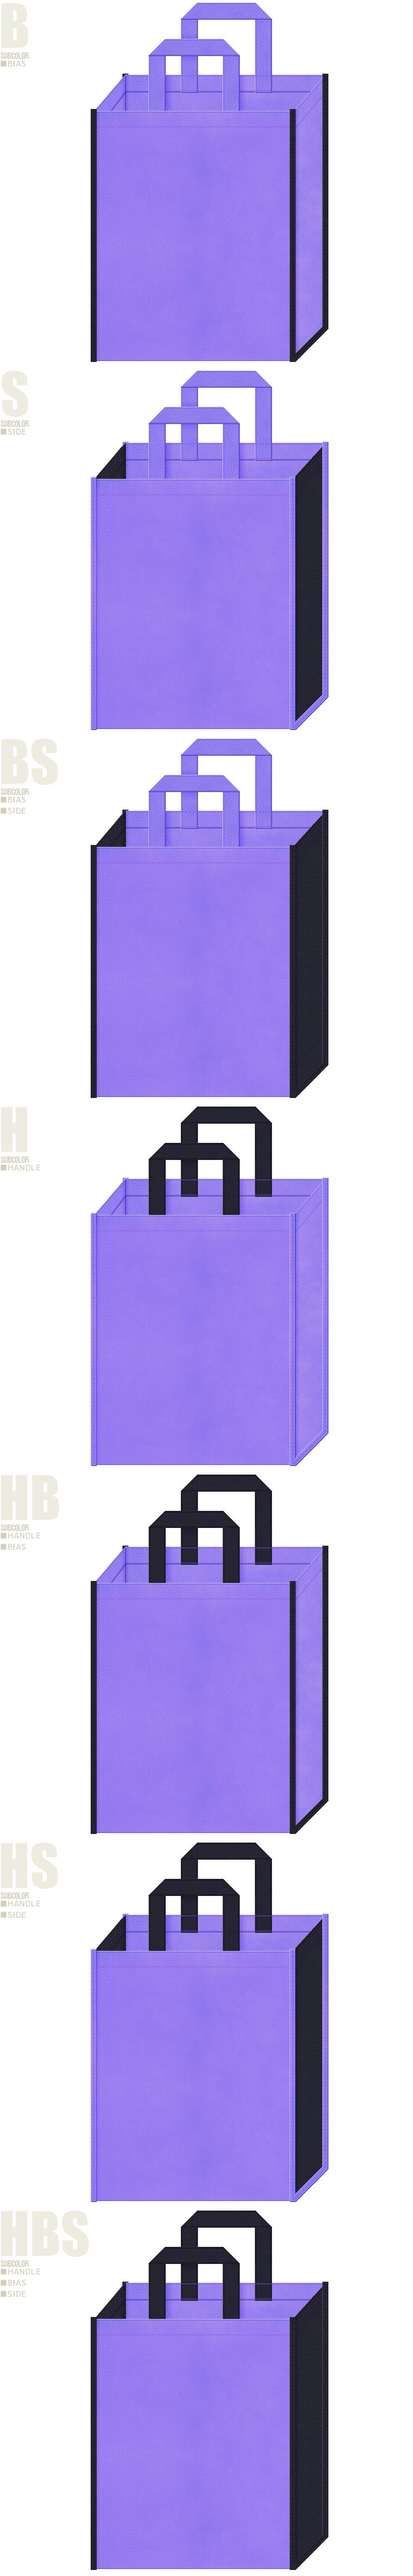 明るめの紫色と濃紺色、7パターンの不織布トートバッグ配色デザイン例。